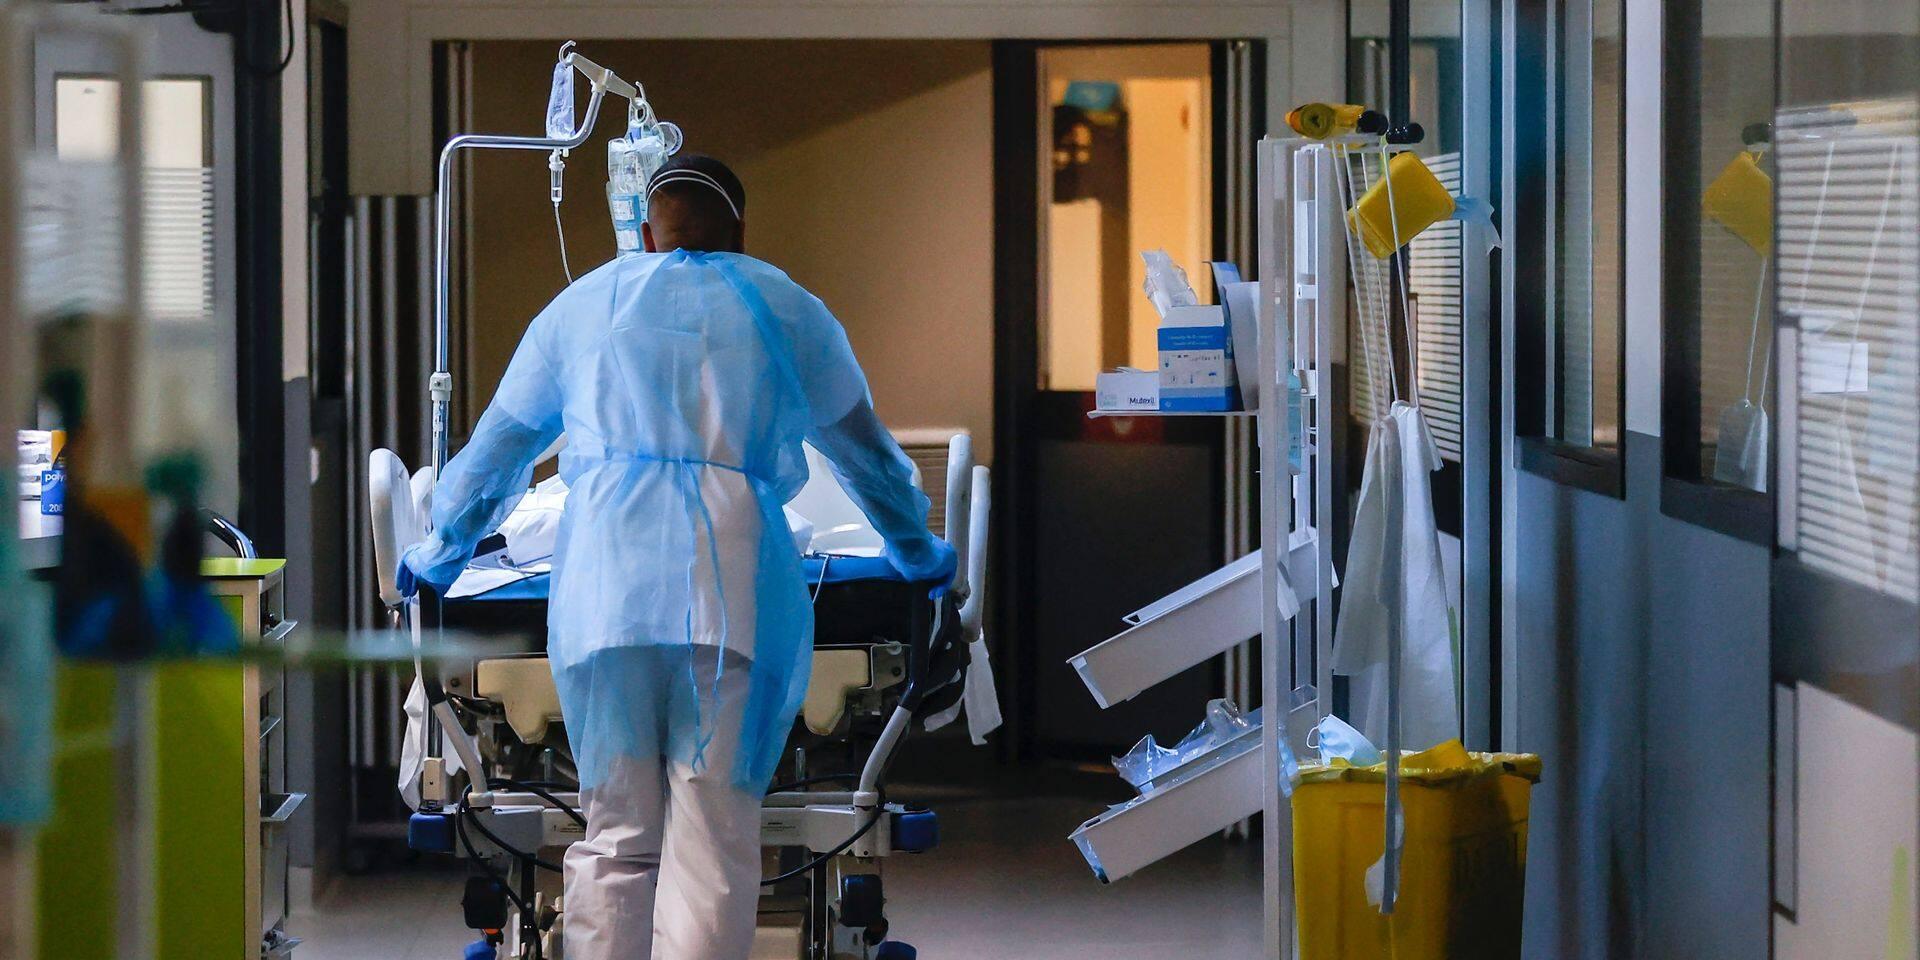 """Applaudi au début de la crise, le personnel soignant est désormais pris pour cible: """"On aide les gens et on se fait insulter en retour"""""""